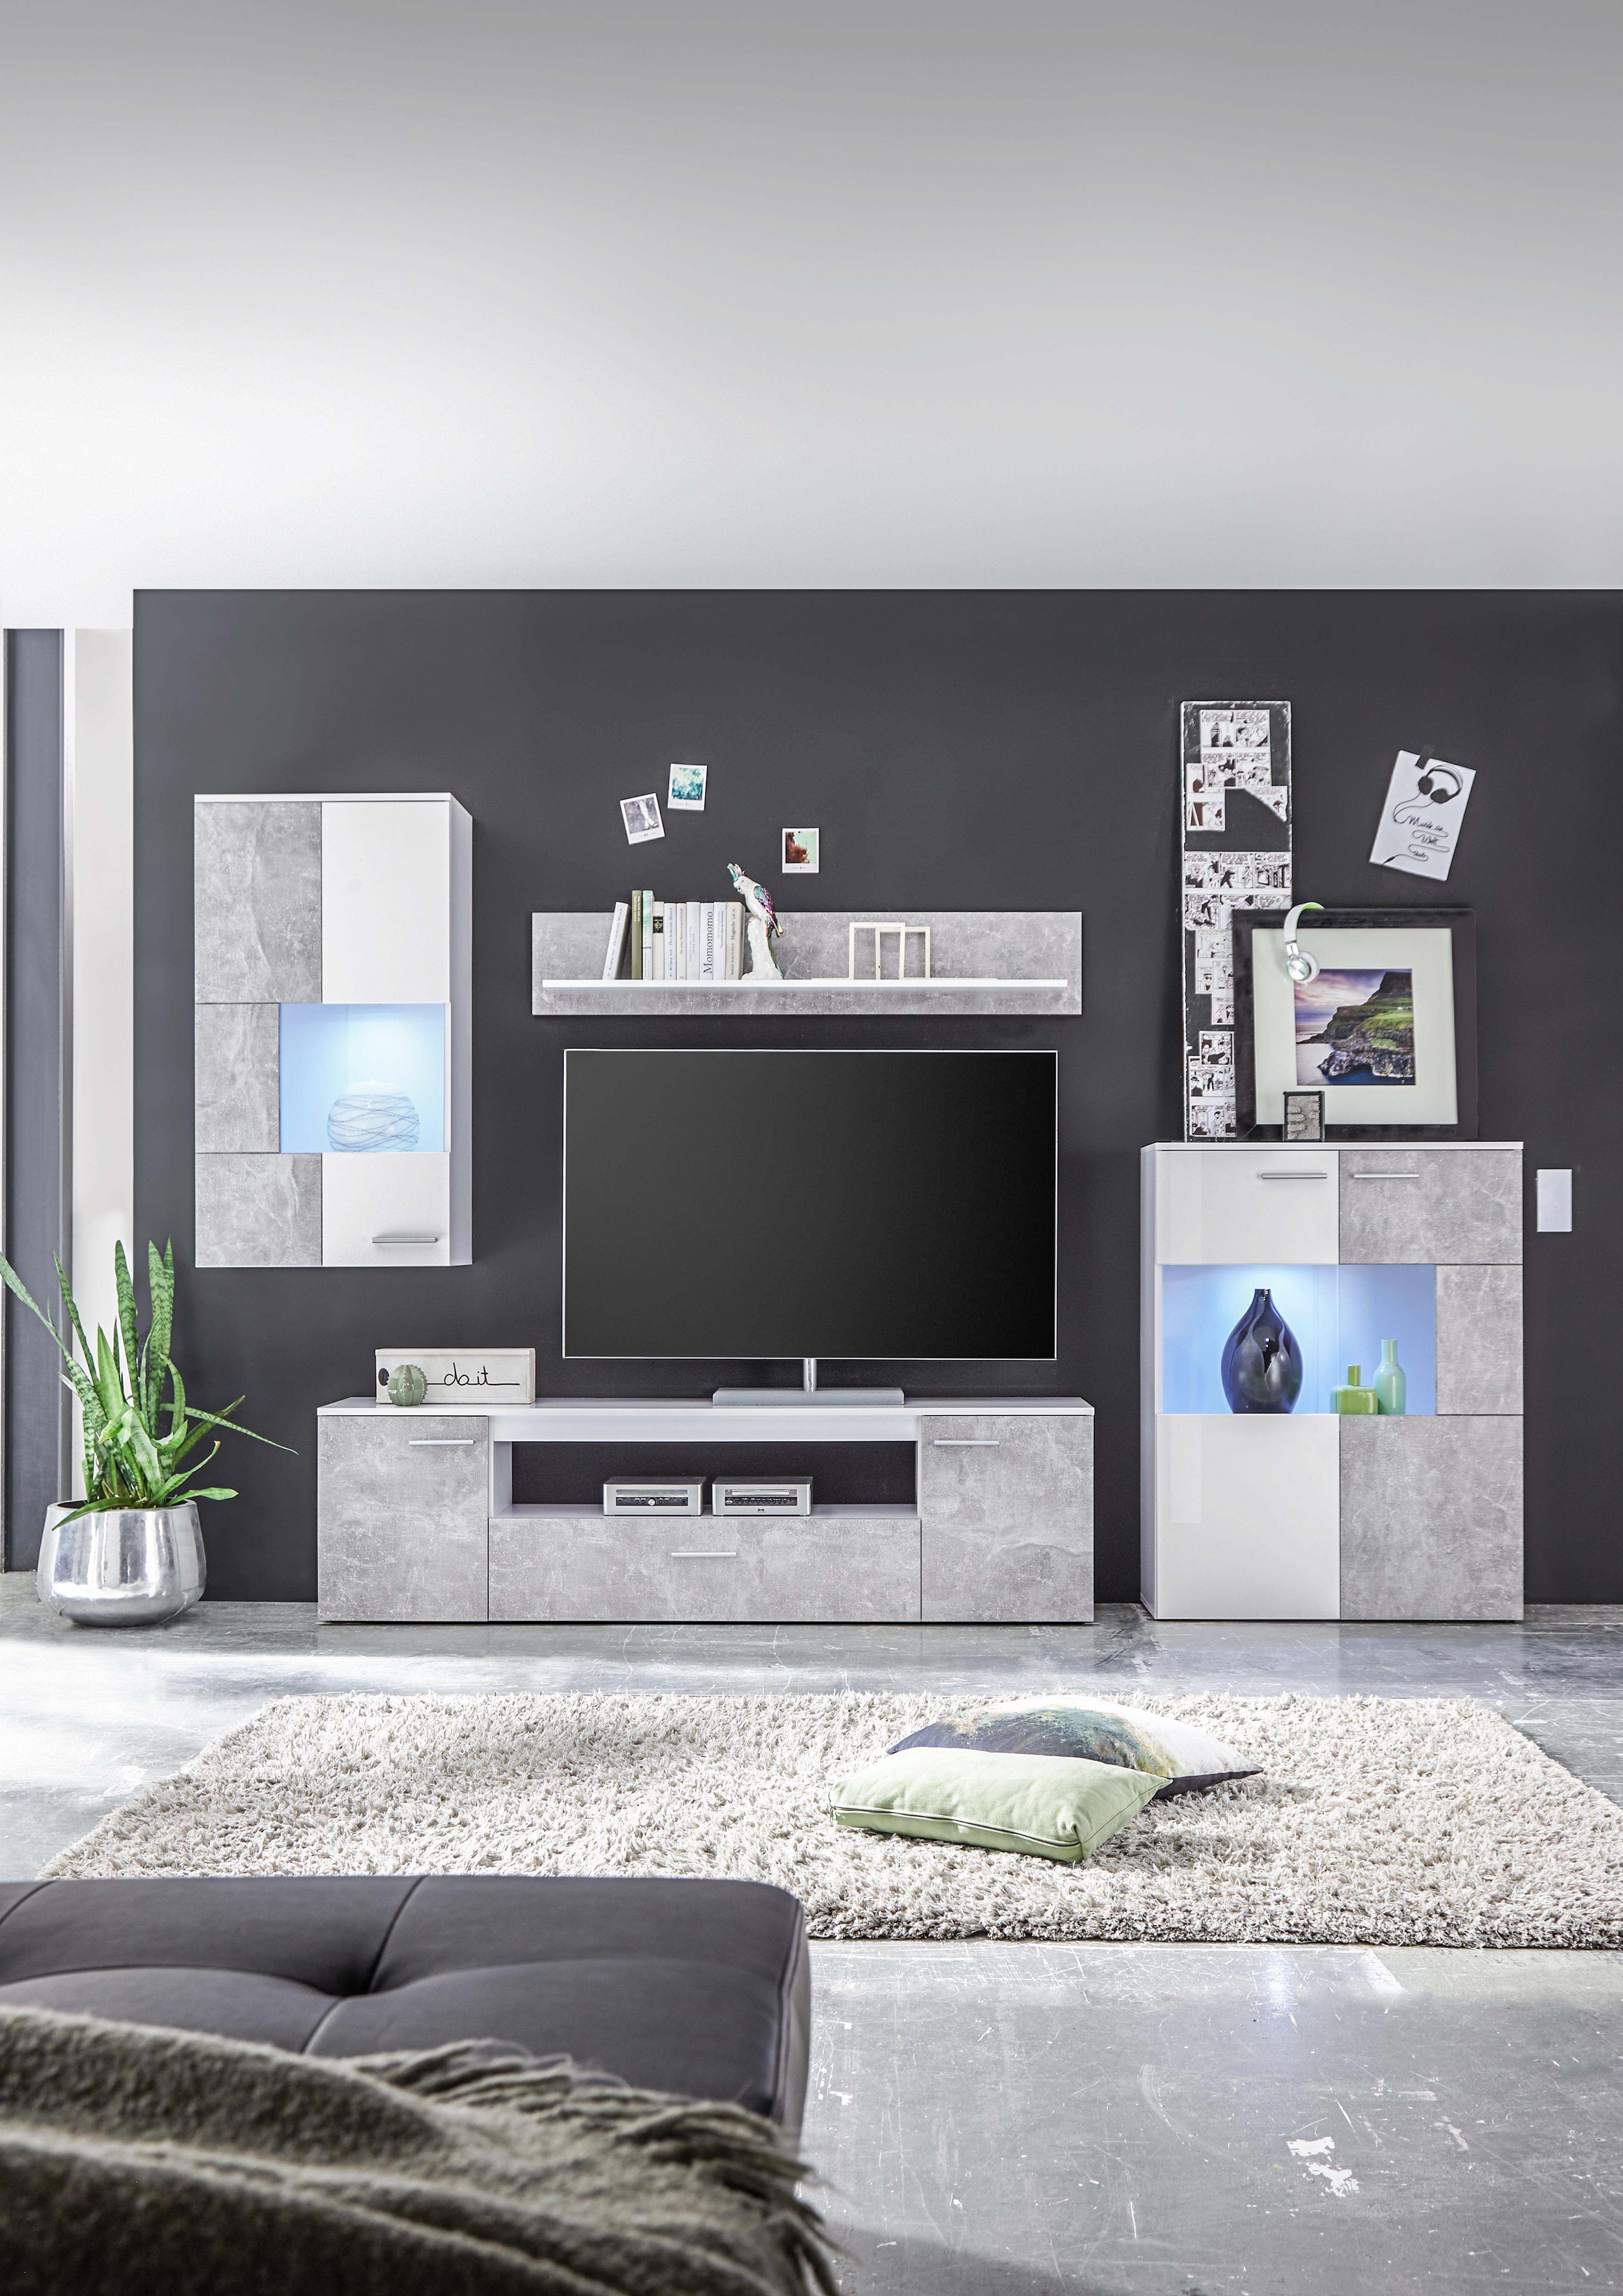 Fabelhaft Wohnzimmermöbel Weiß Holz Dekoration Von